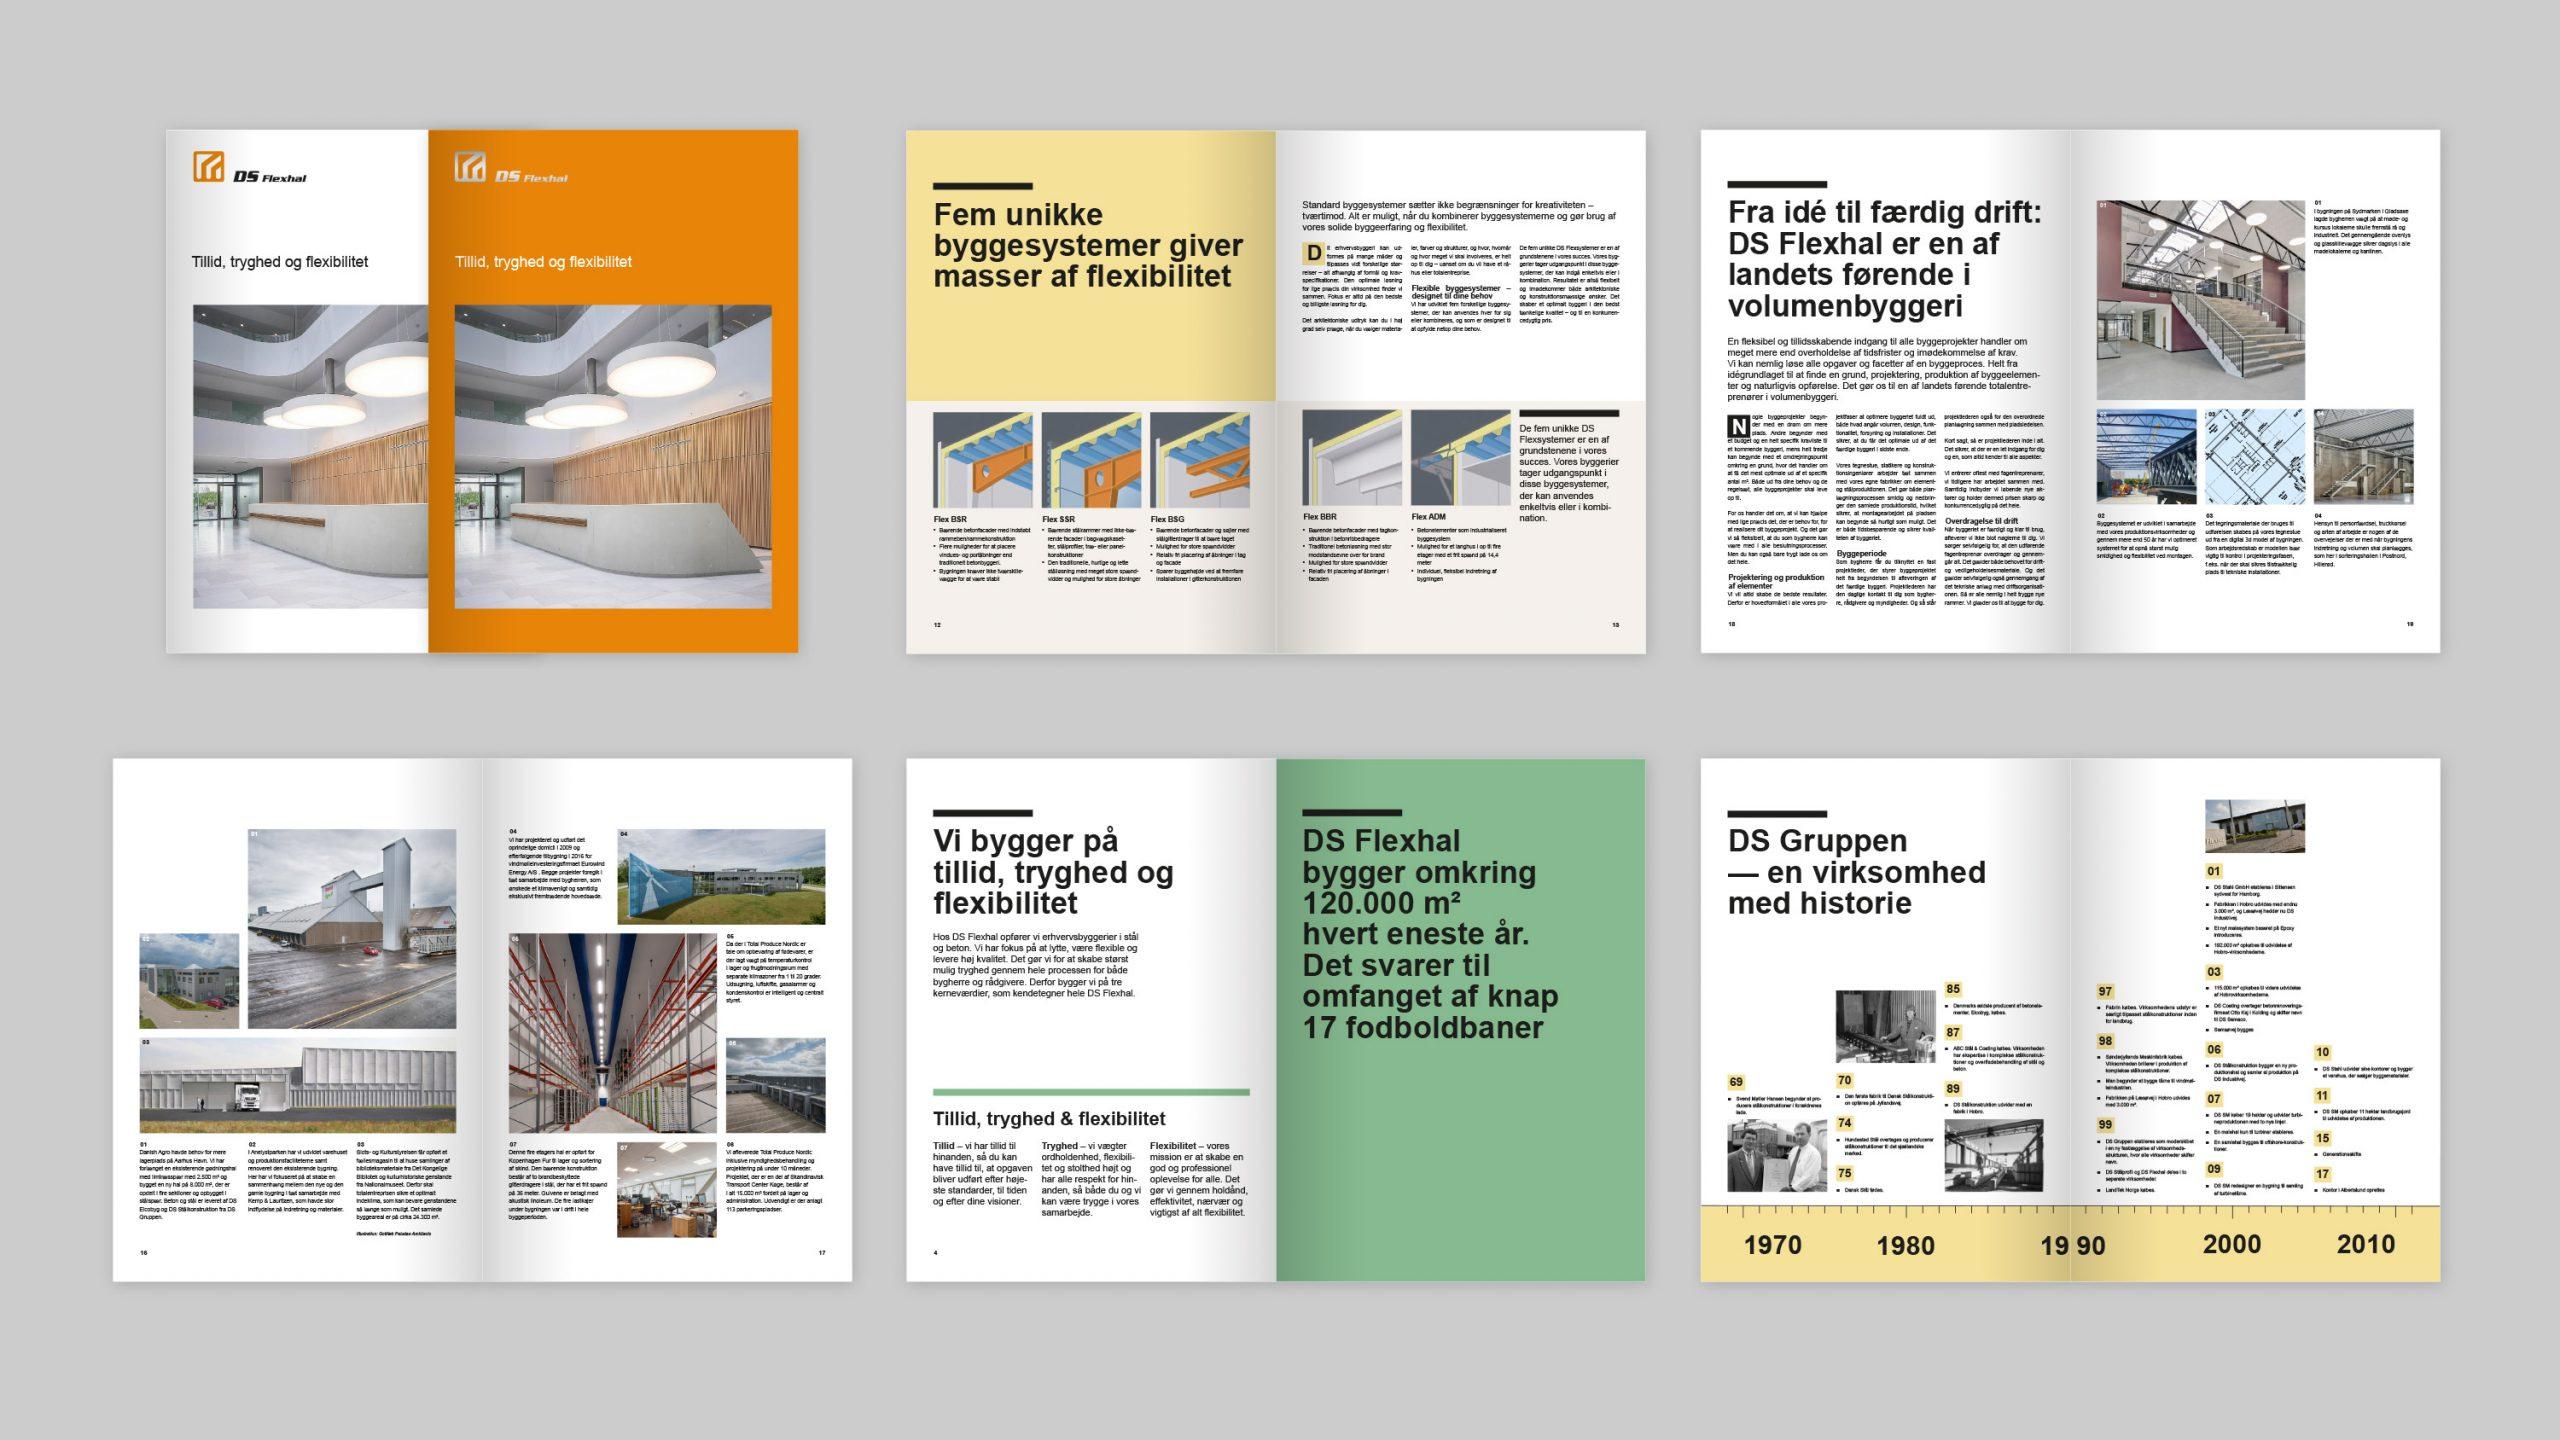 Eksempel på grafisk design af tryksager for DS Flexhal